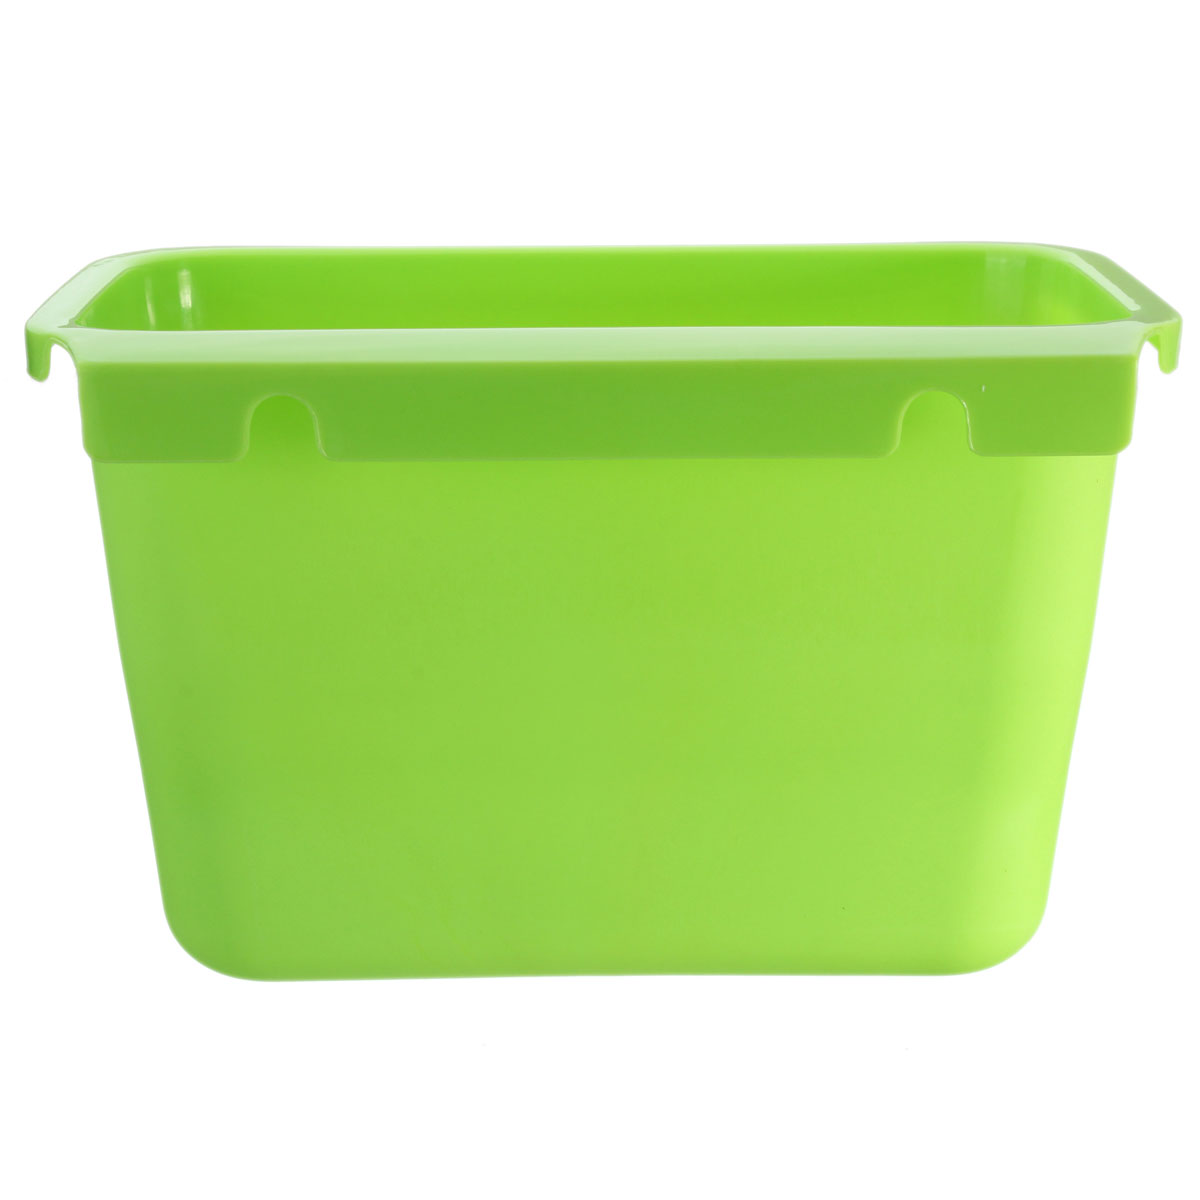 Green Kitchen Bin: Square Kitchen Trash Hang Over Cabinet Waste Basket